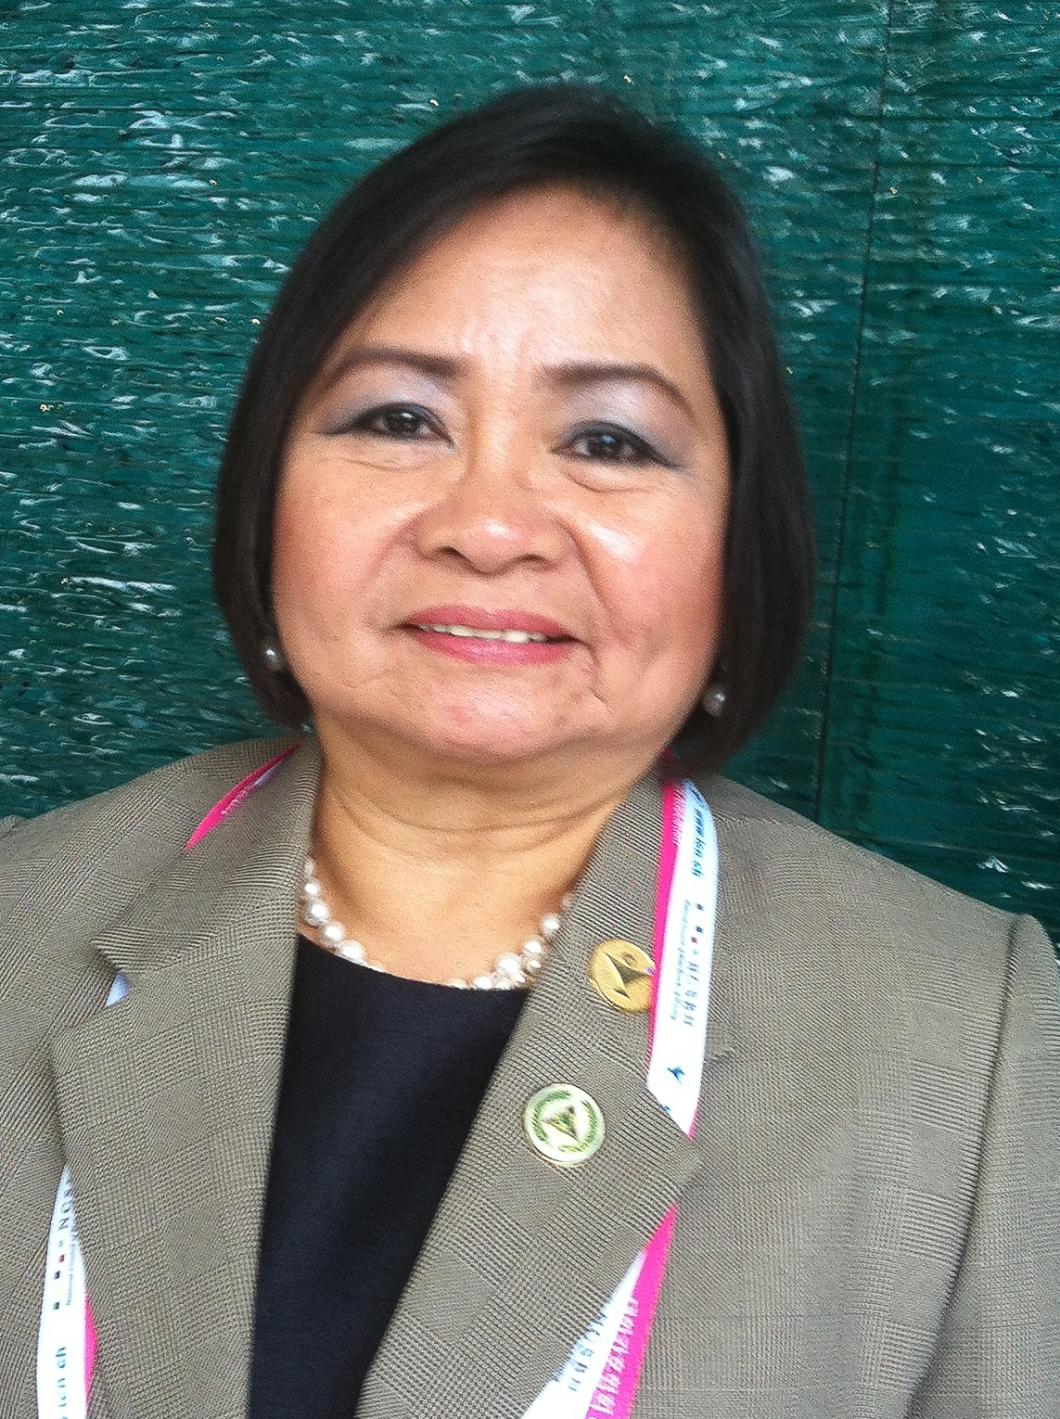 Filippinska sjuksköterskors lön lägre än vad lagen kräver